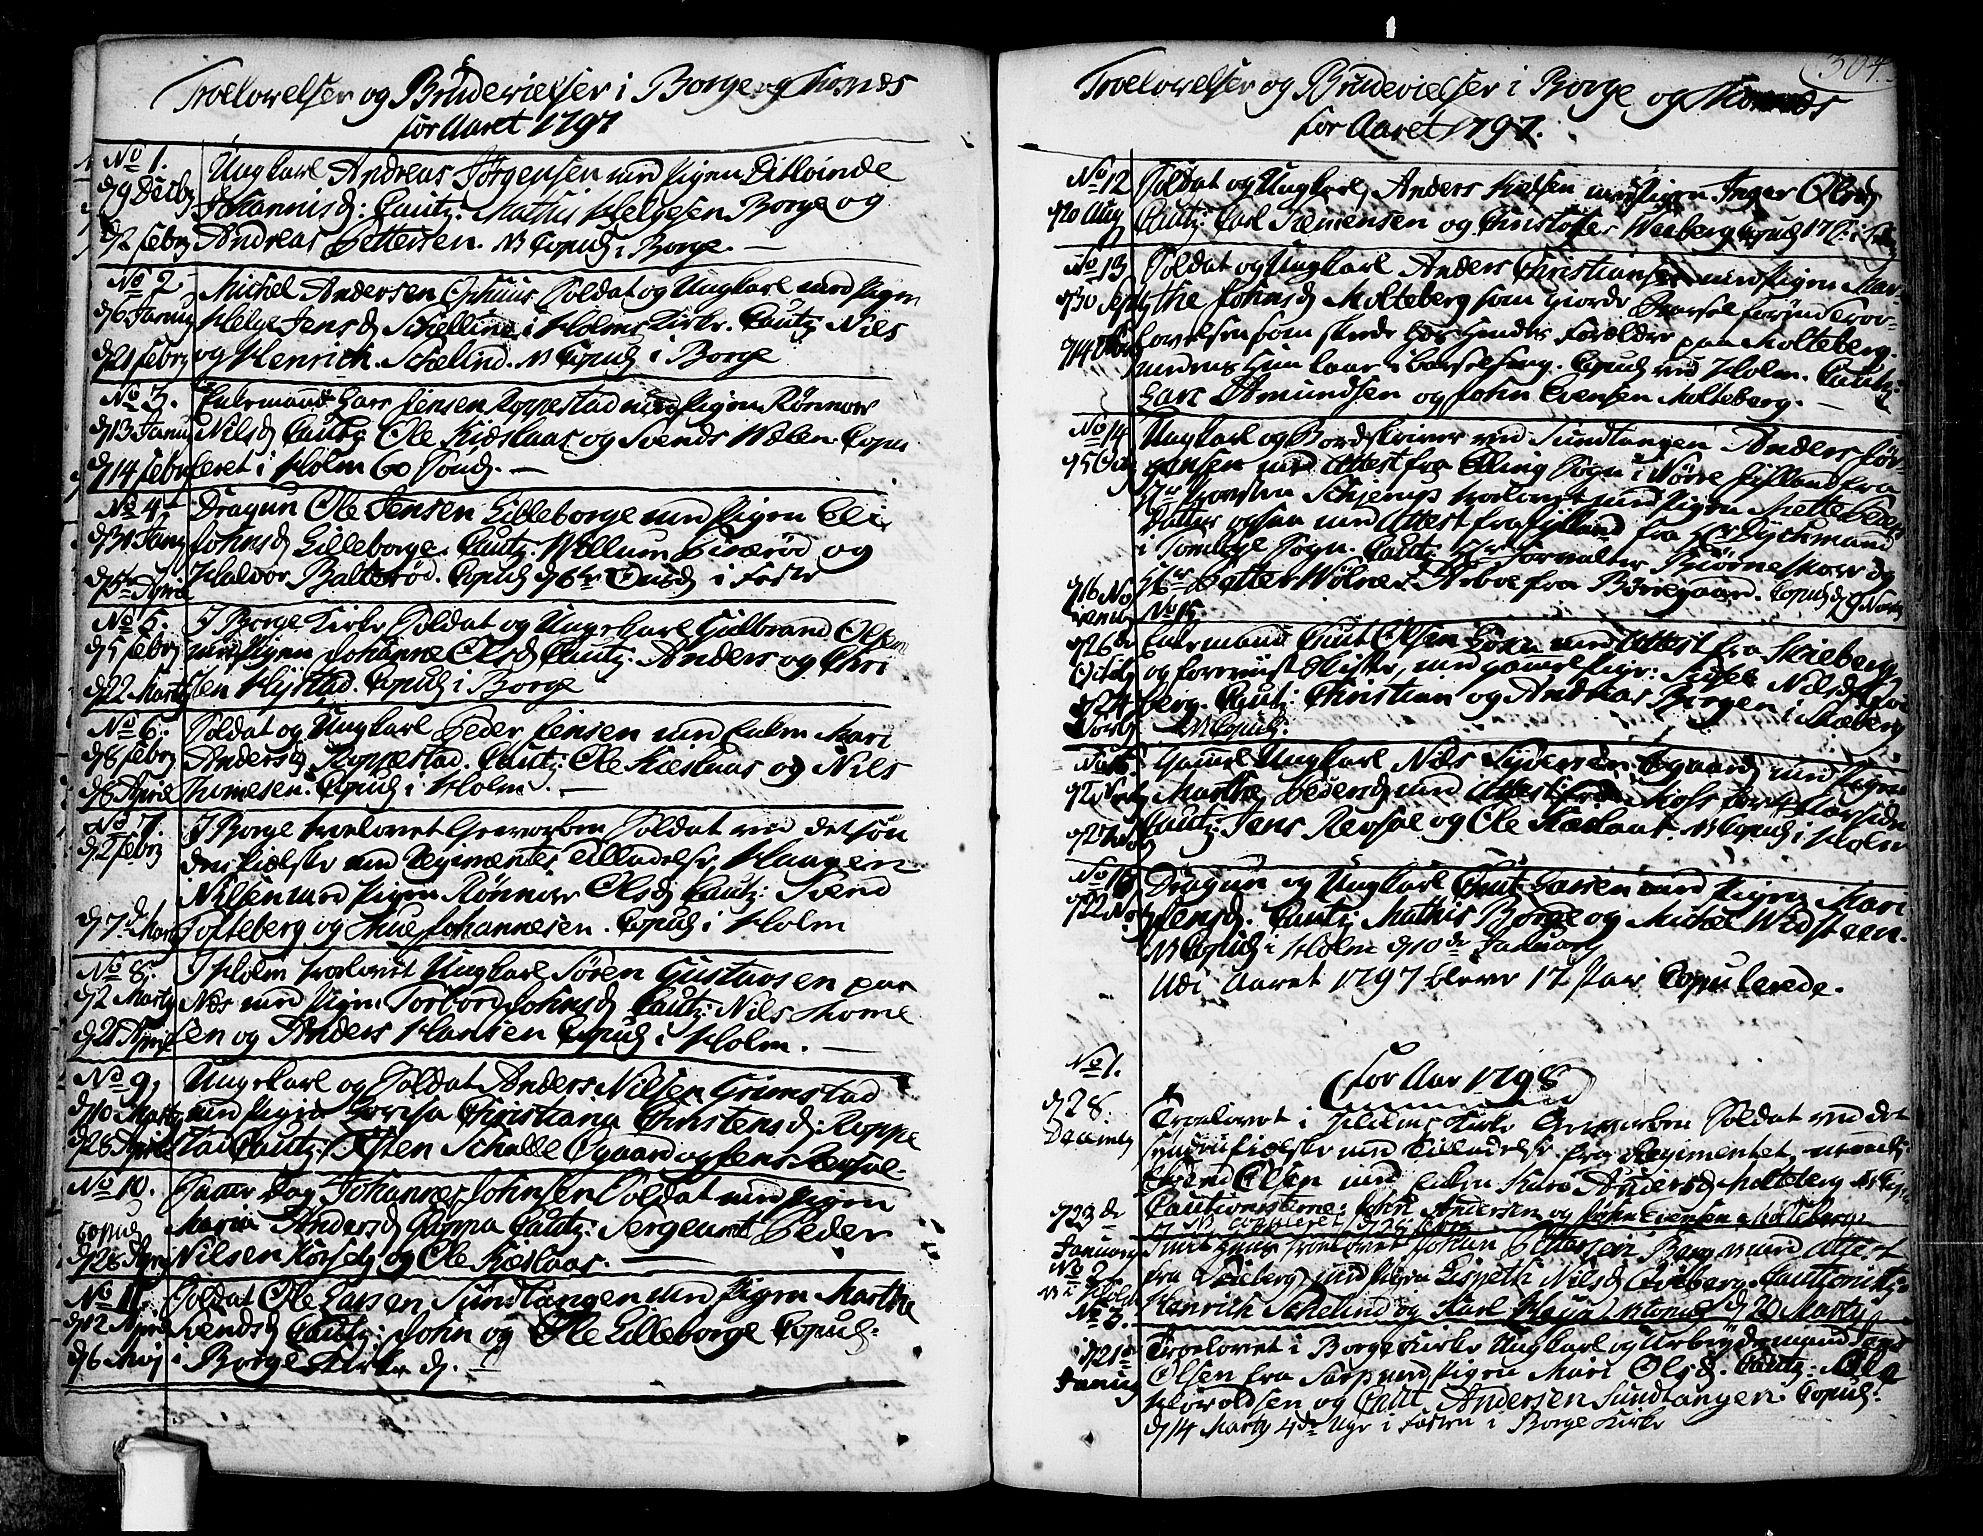 SAO, Borge prestekontor Kirkebøker, F/Fa/L0002: Ministerialbok nr. I 2, 1791-1817, s. 304